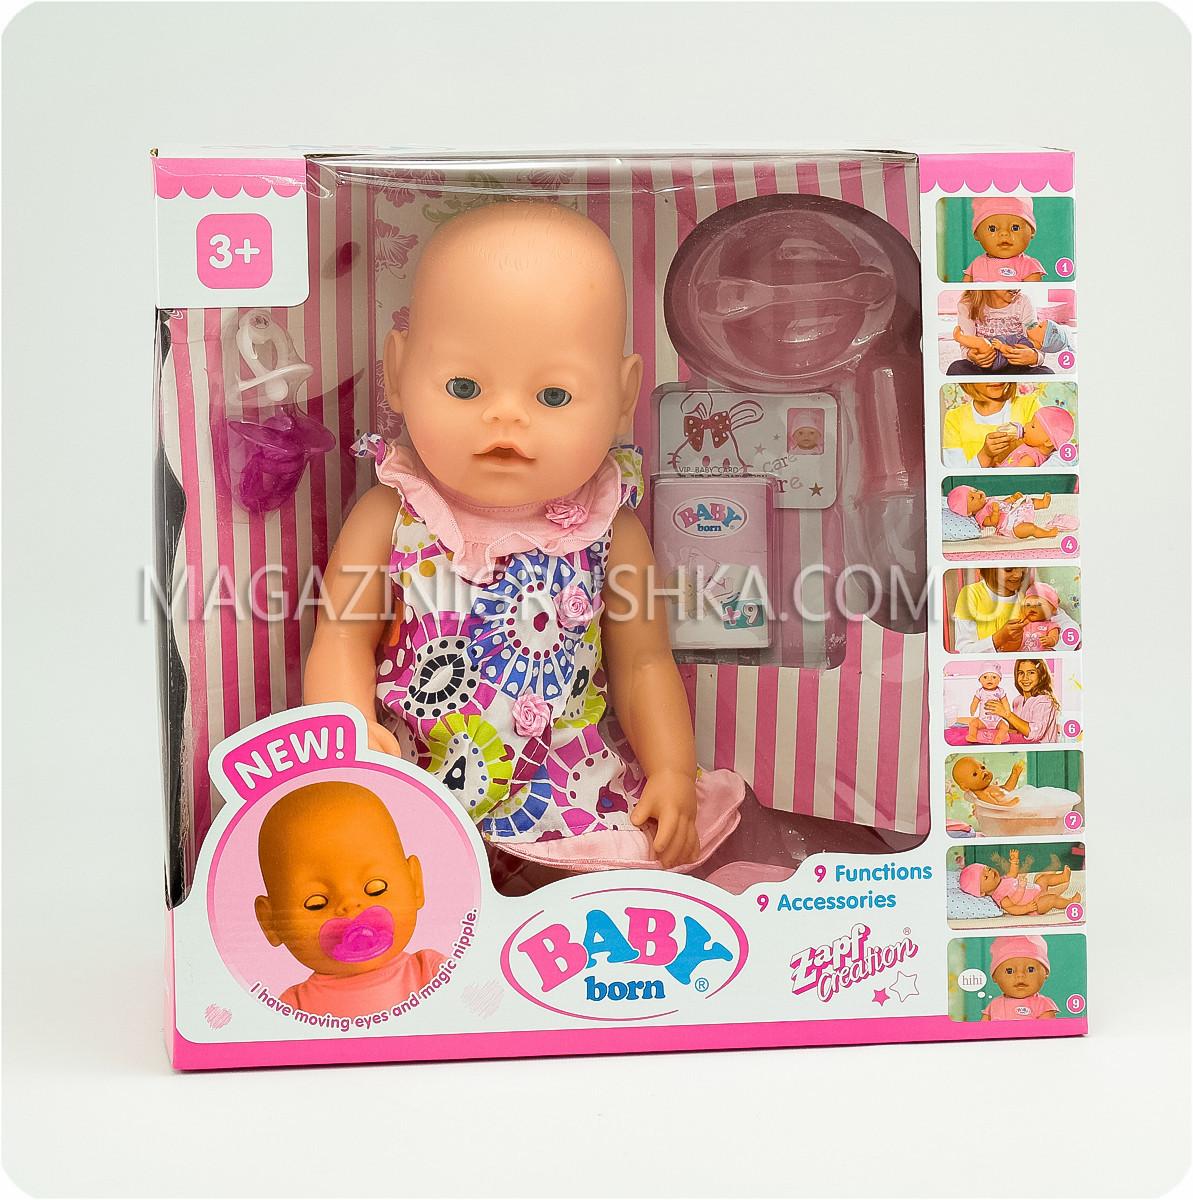 Пупс BABY BORN з аксесуарами та одягом (9 функцій) BB 8009-438